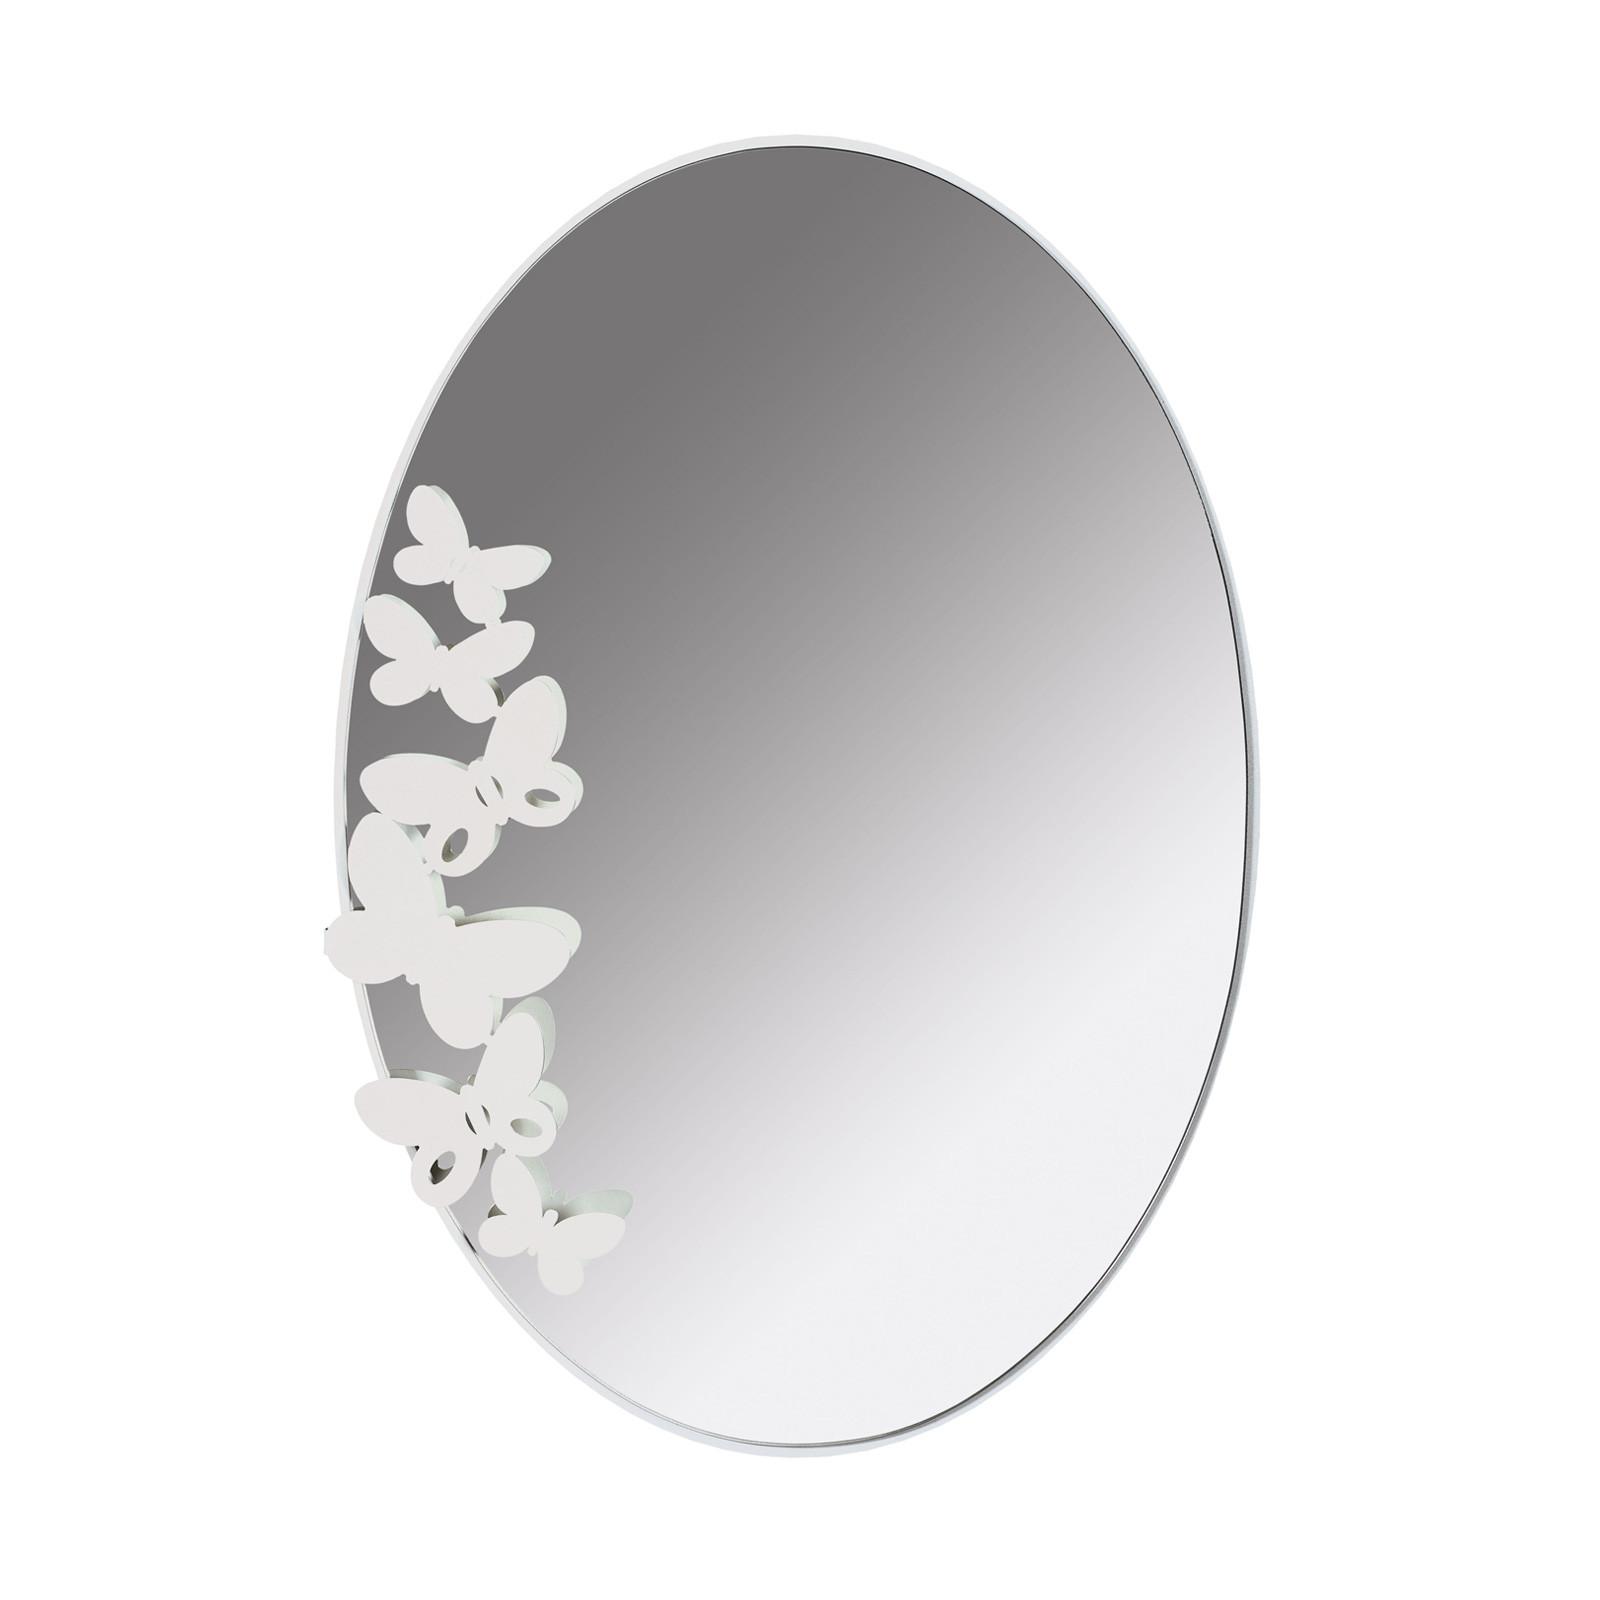 Arti e mestieri butterfly specchiera ovale in metallo in varie ...